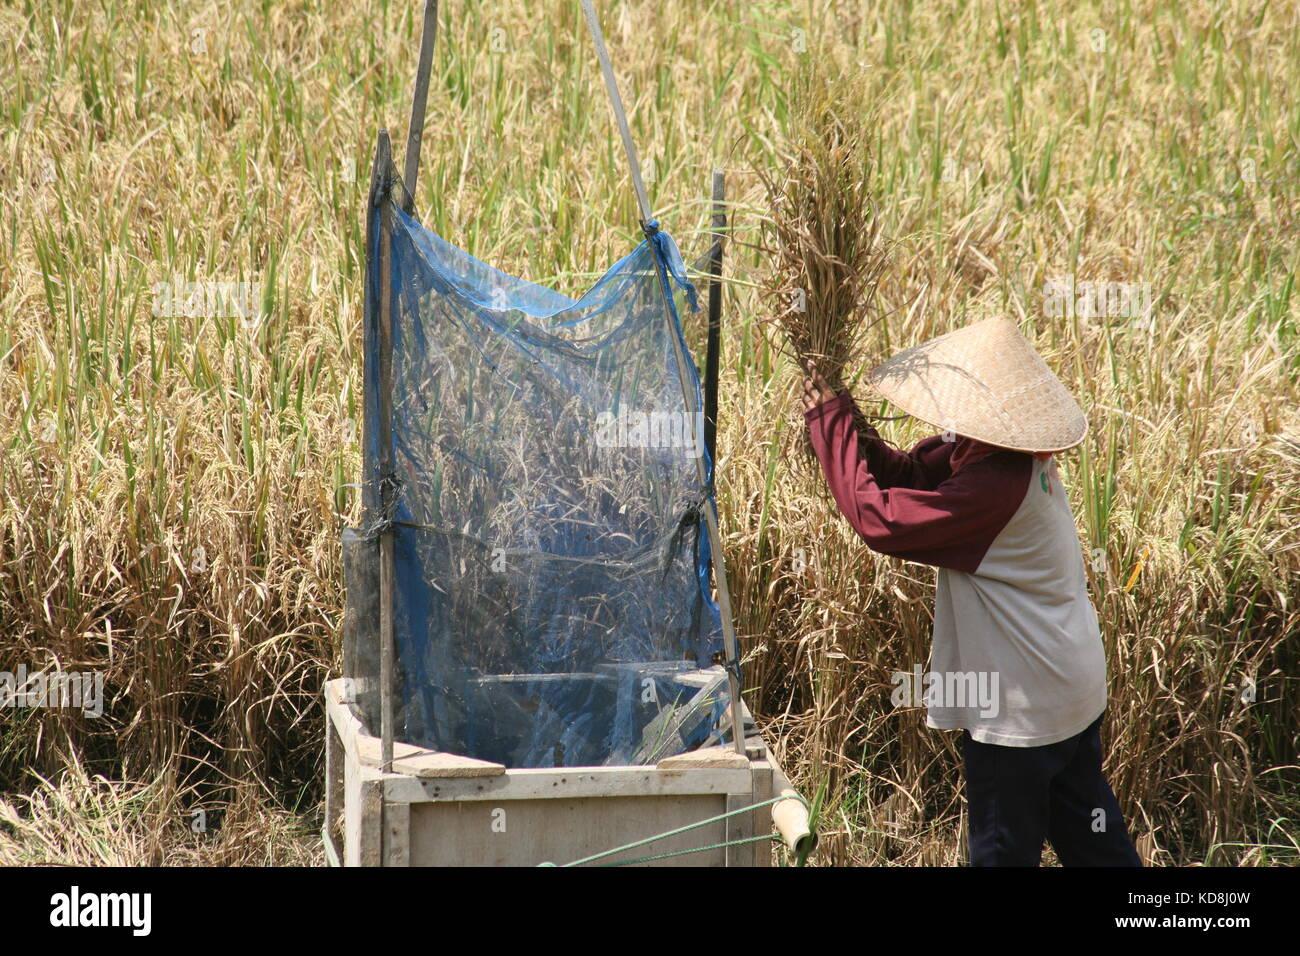 Frau beim dreschen von Reis Pflanzen - Woman threshing of rice plants - Stock Image